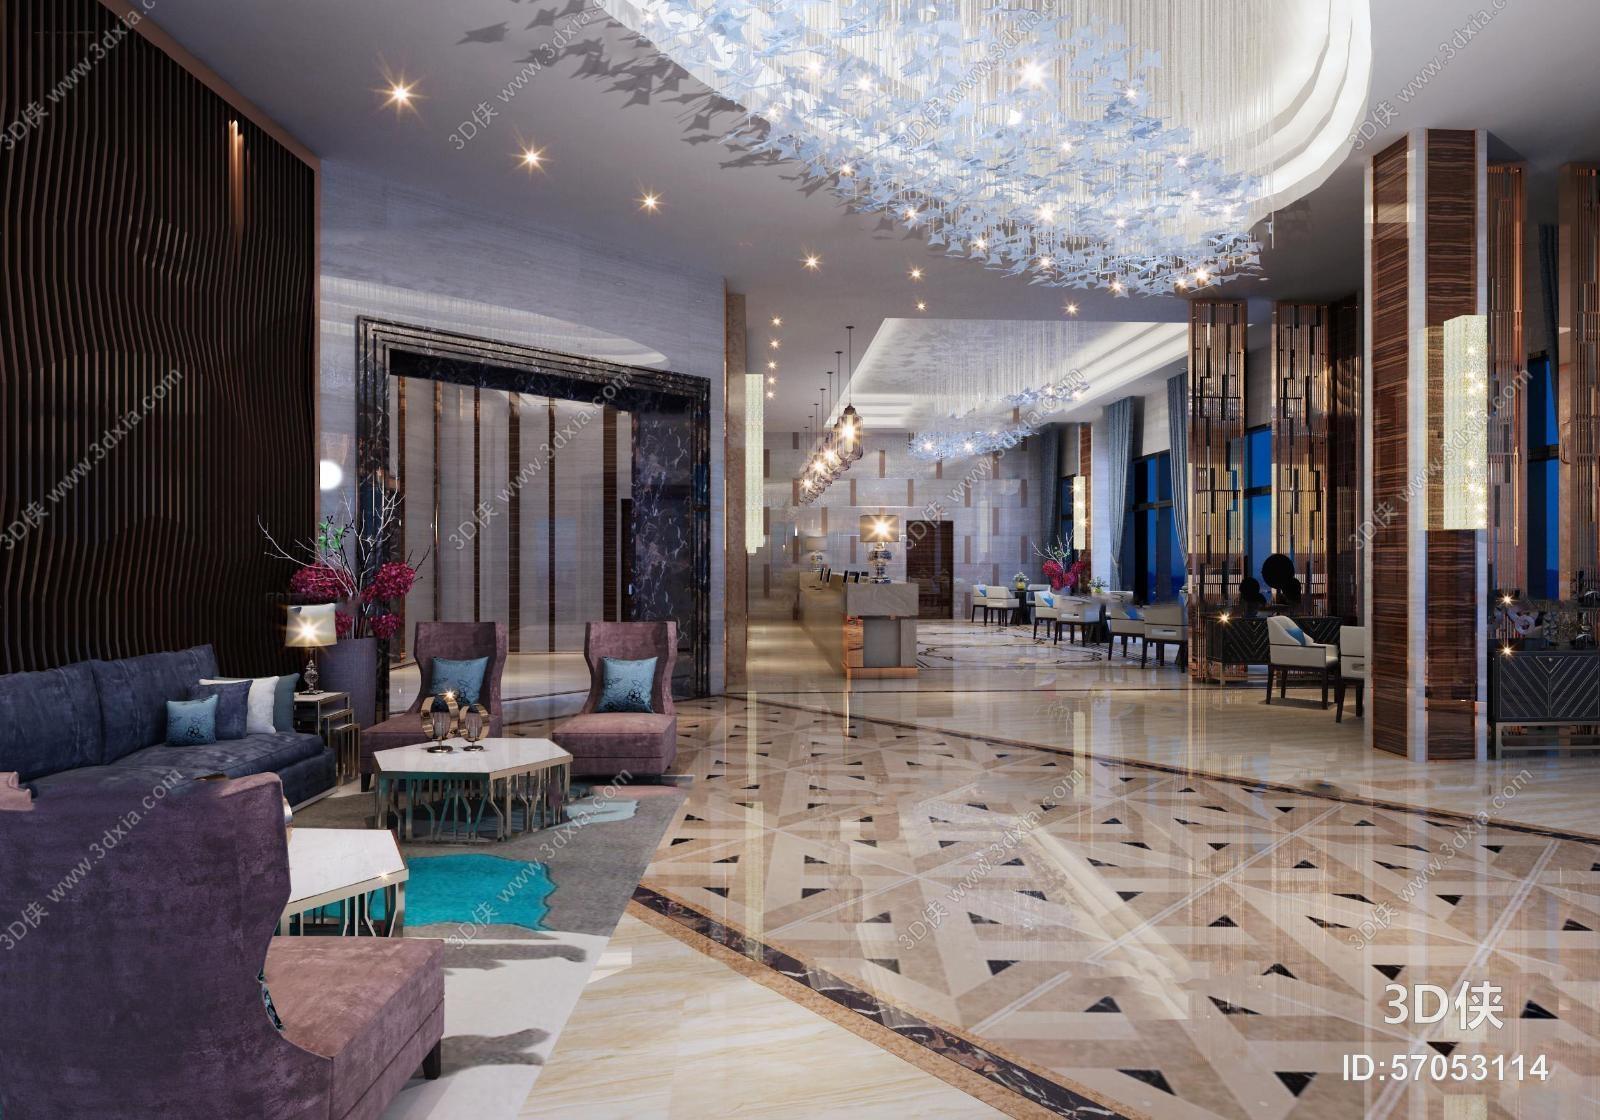 酒店大堂效果图素材免费下载,本作品主题是现代酒店大堂休息区西餐厅